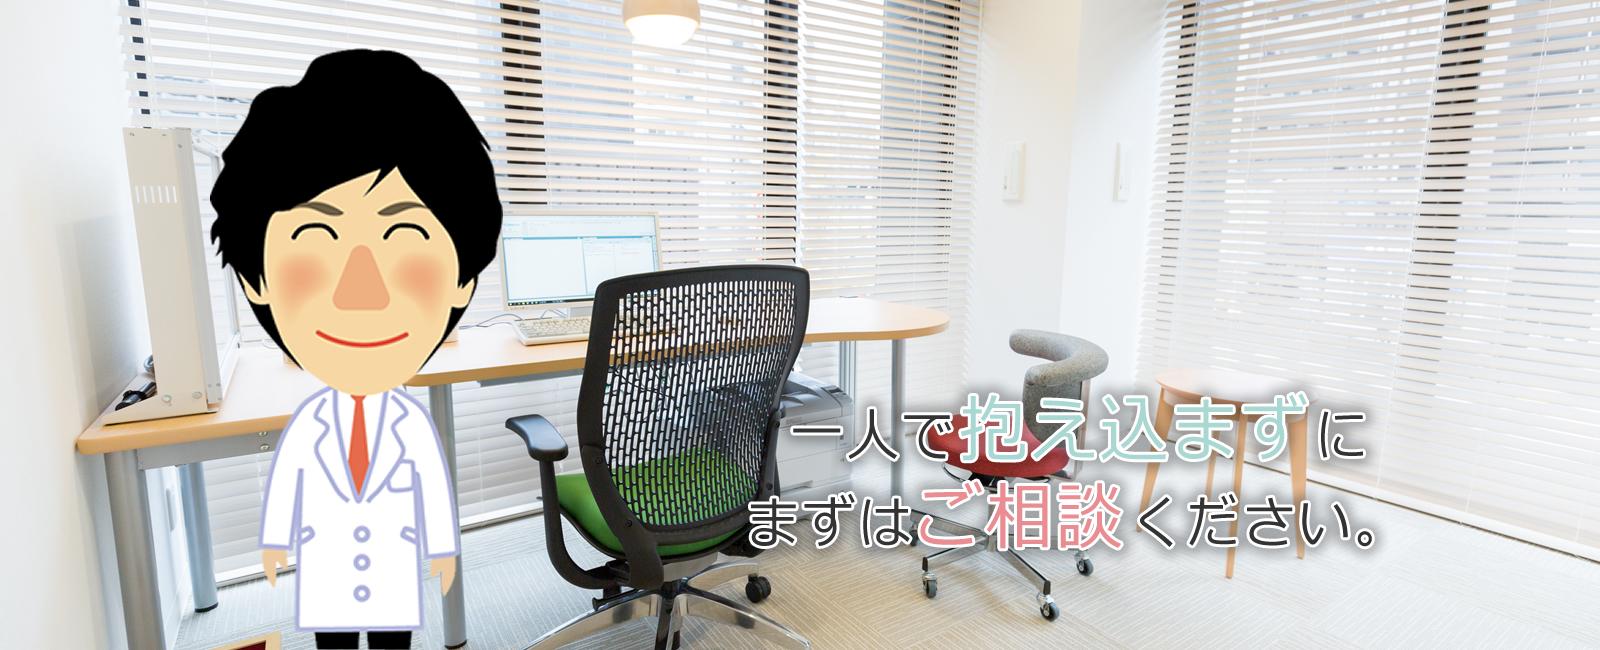 福岡市中央区六本松の心療内科、メンタルクリニック「じんぼこころのクリニック」